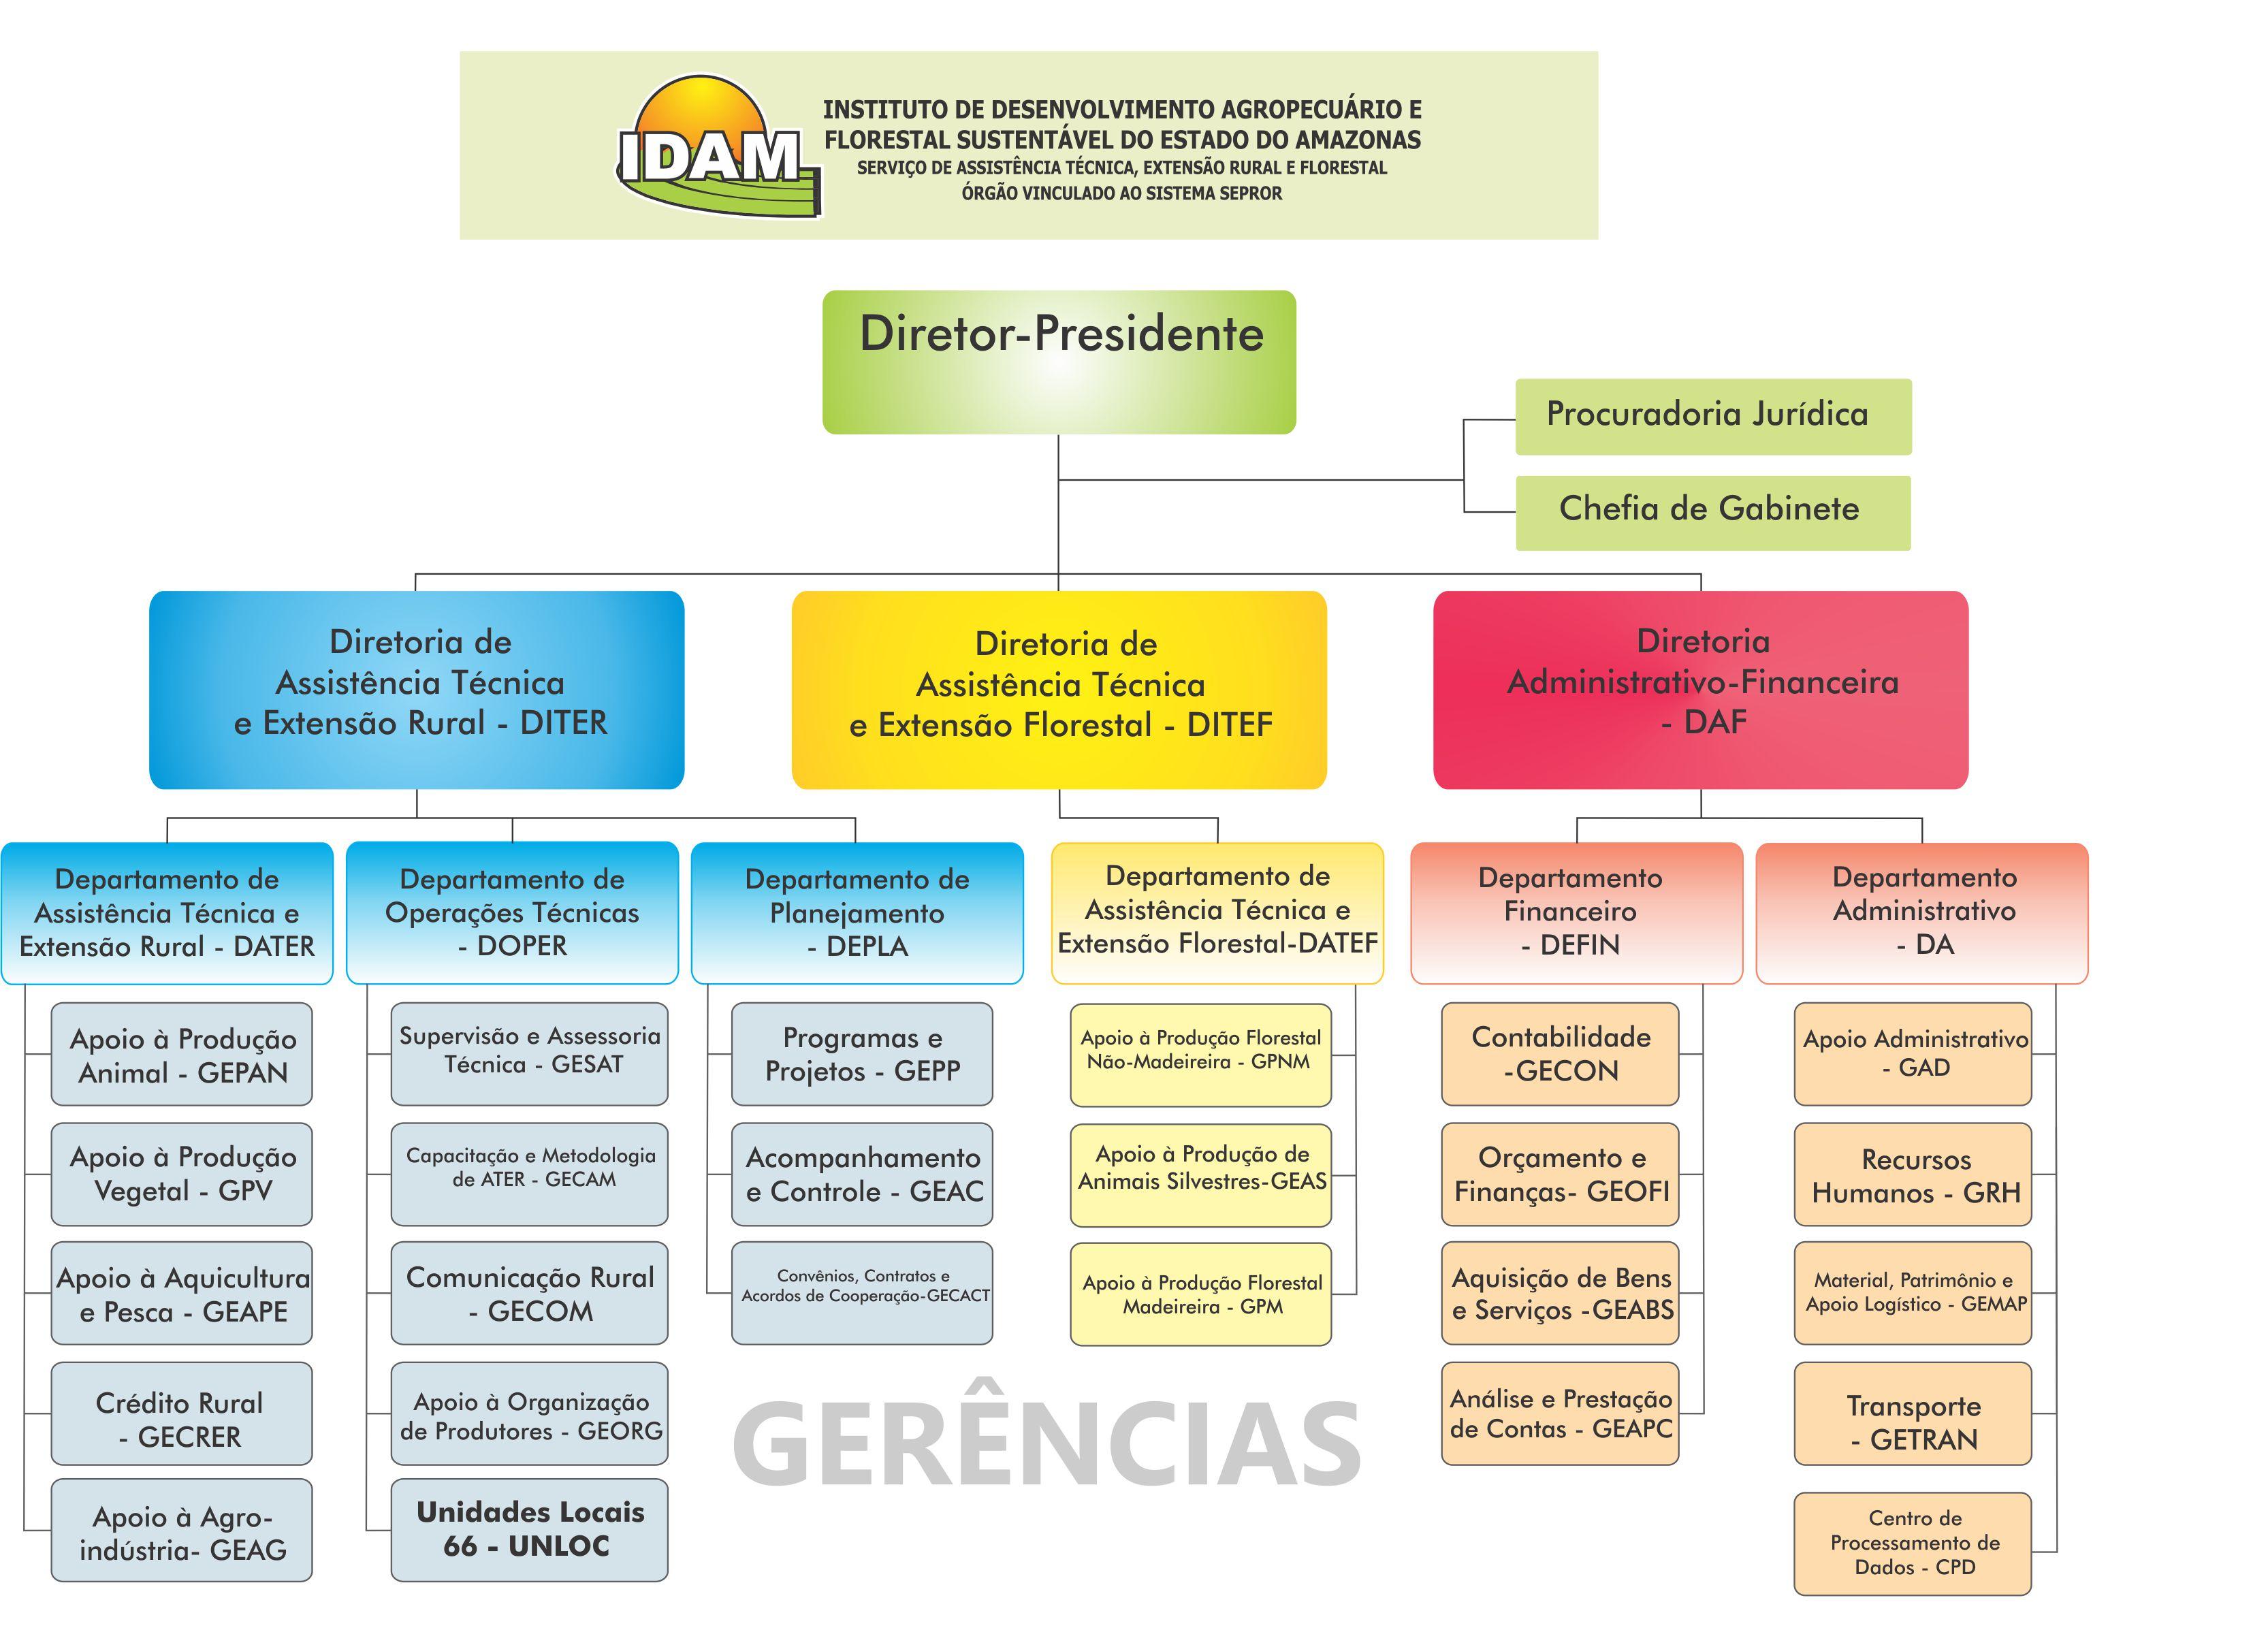 organograma - idam 2015